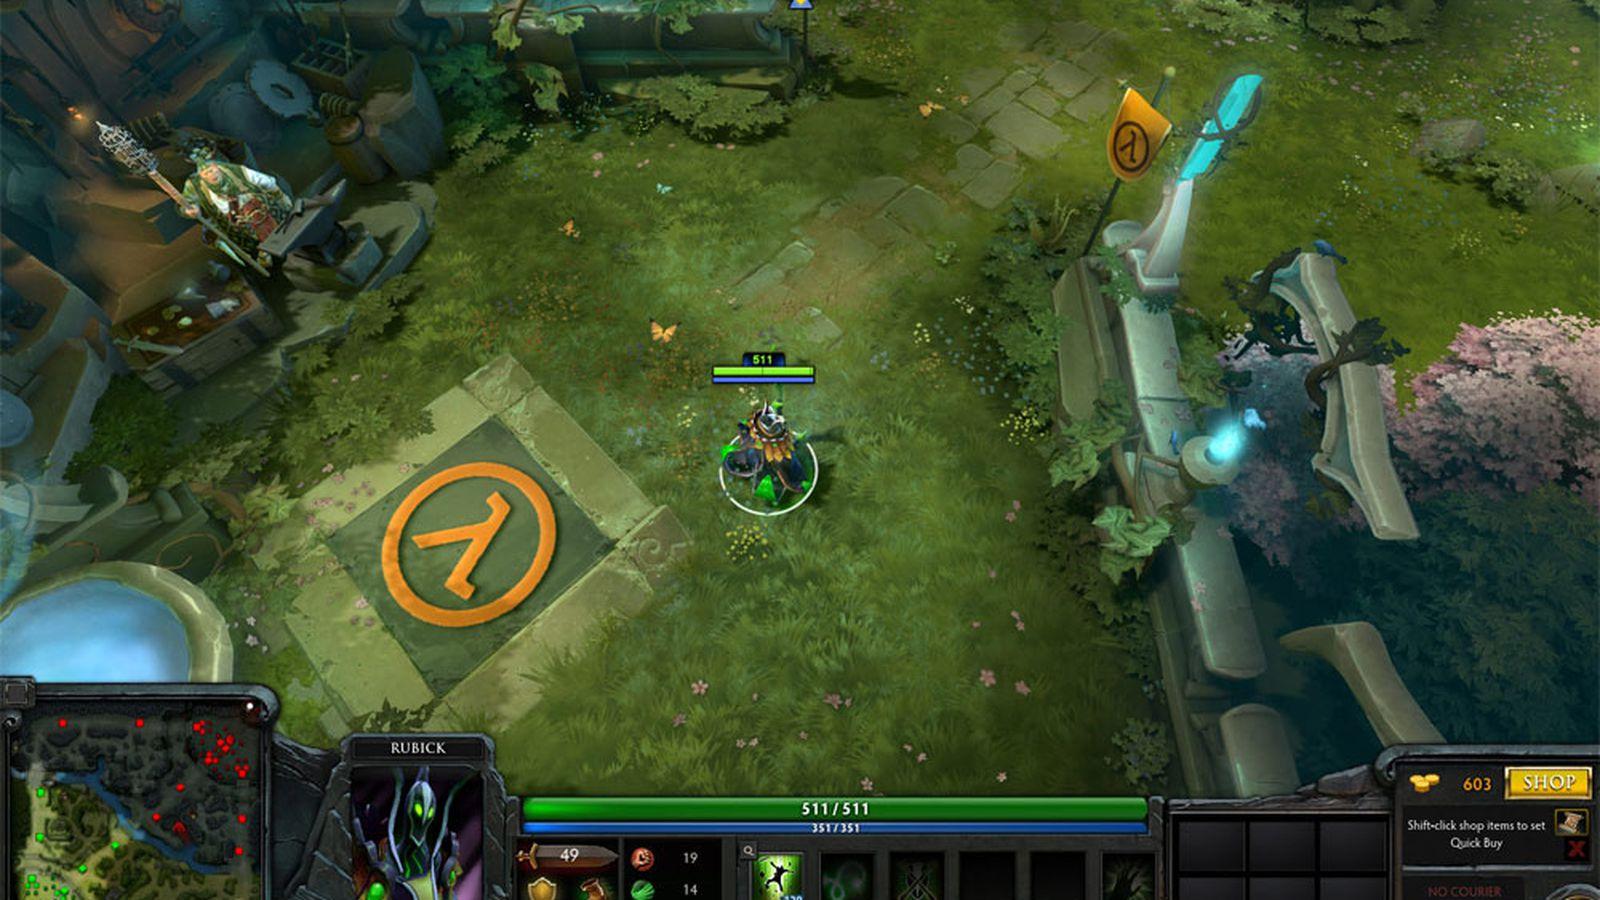 Valve Releases Dota 2 Spectator App On Steam In Advance